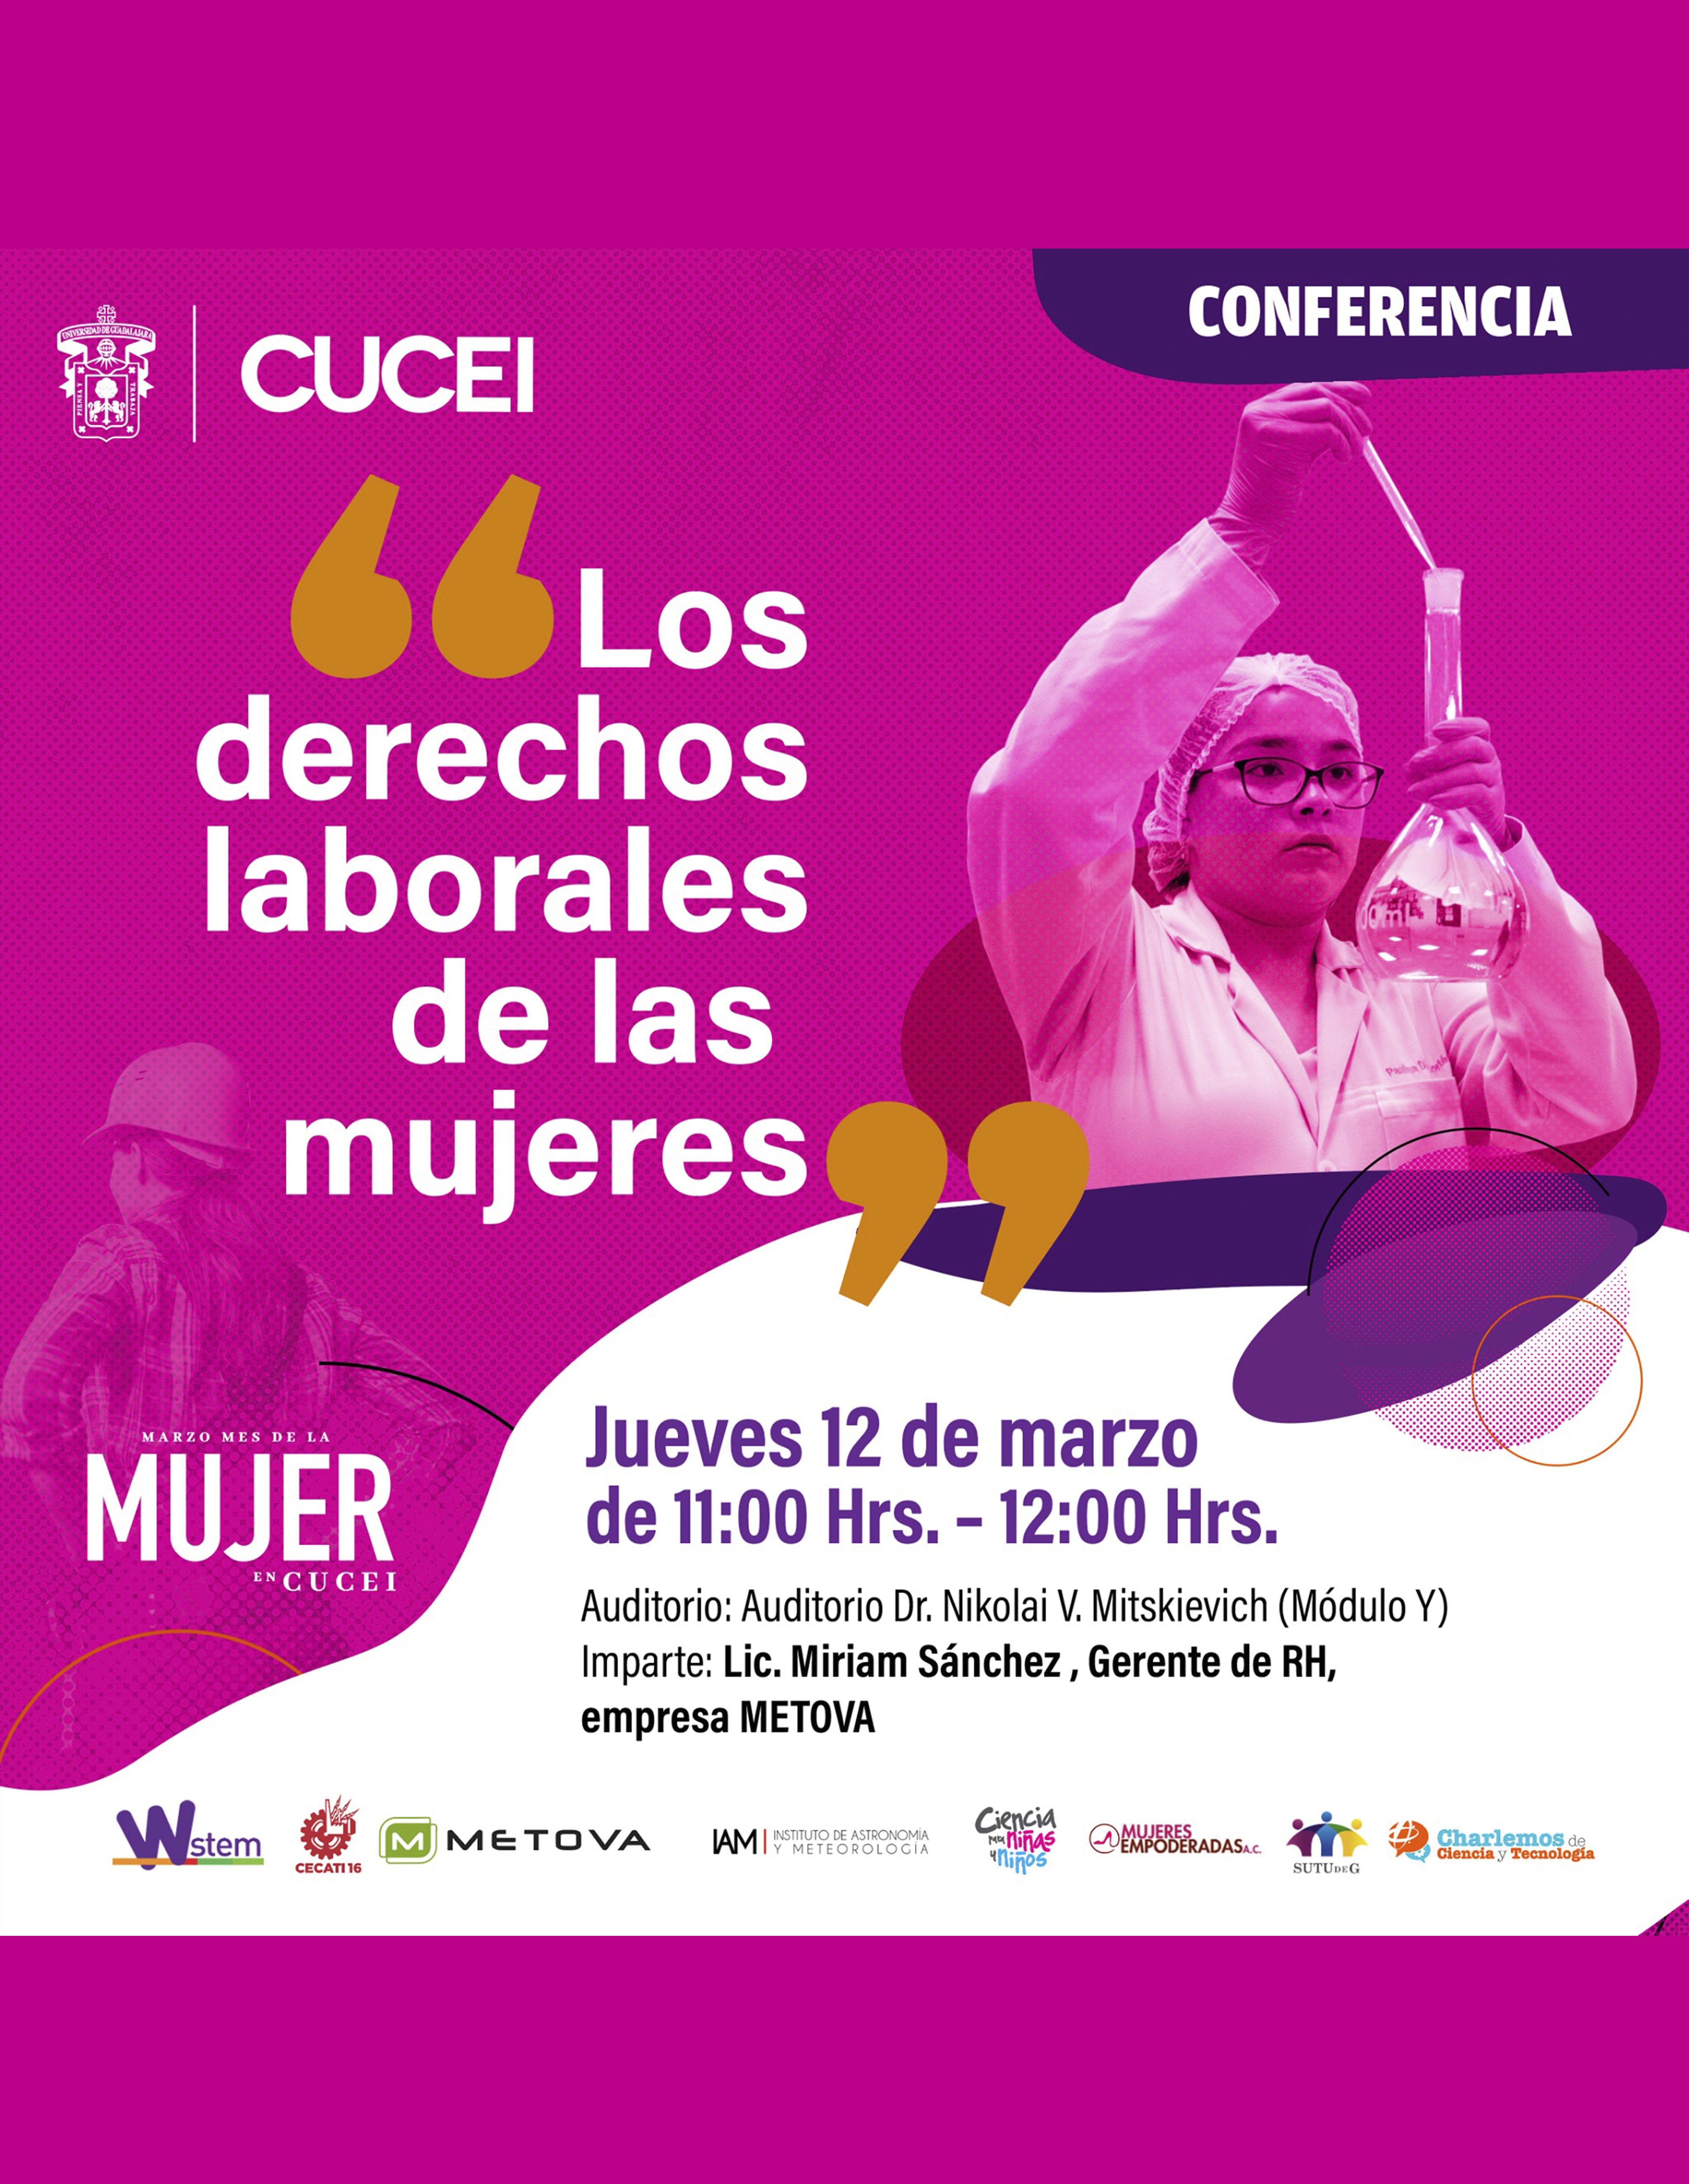 Conferencia: Los derechos laborales de las mujeres a llevarse a cabo el 12 de marzo a las 11:00 horas.